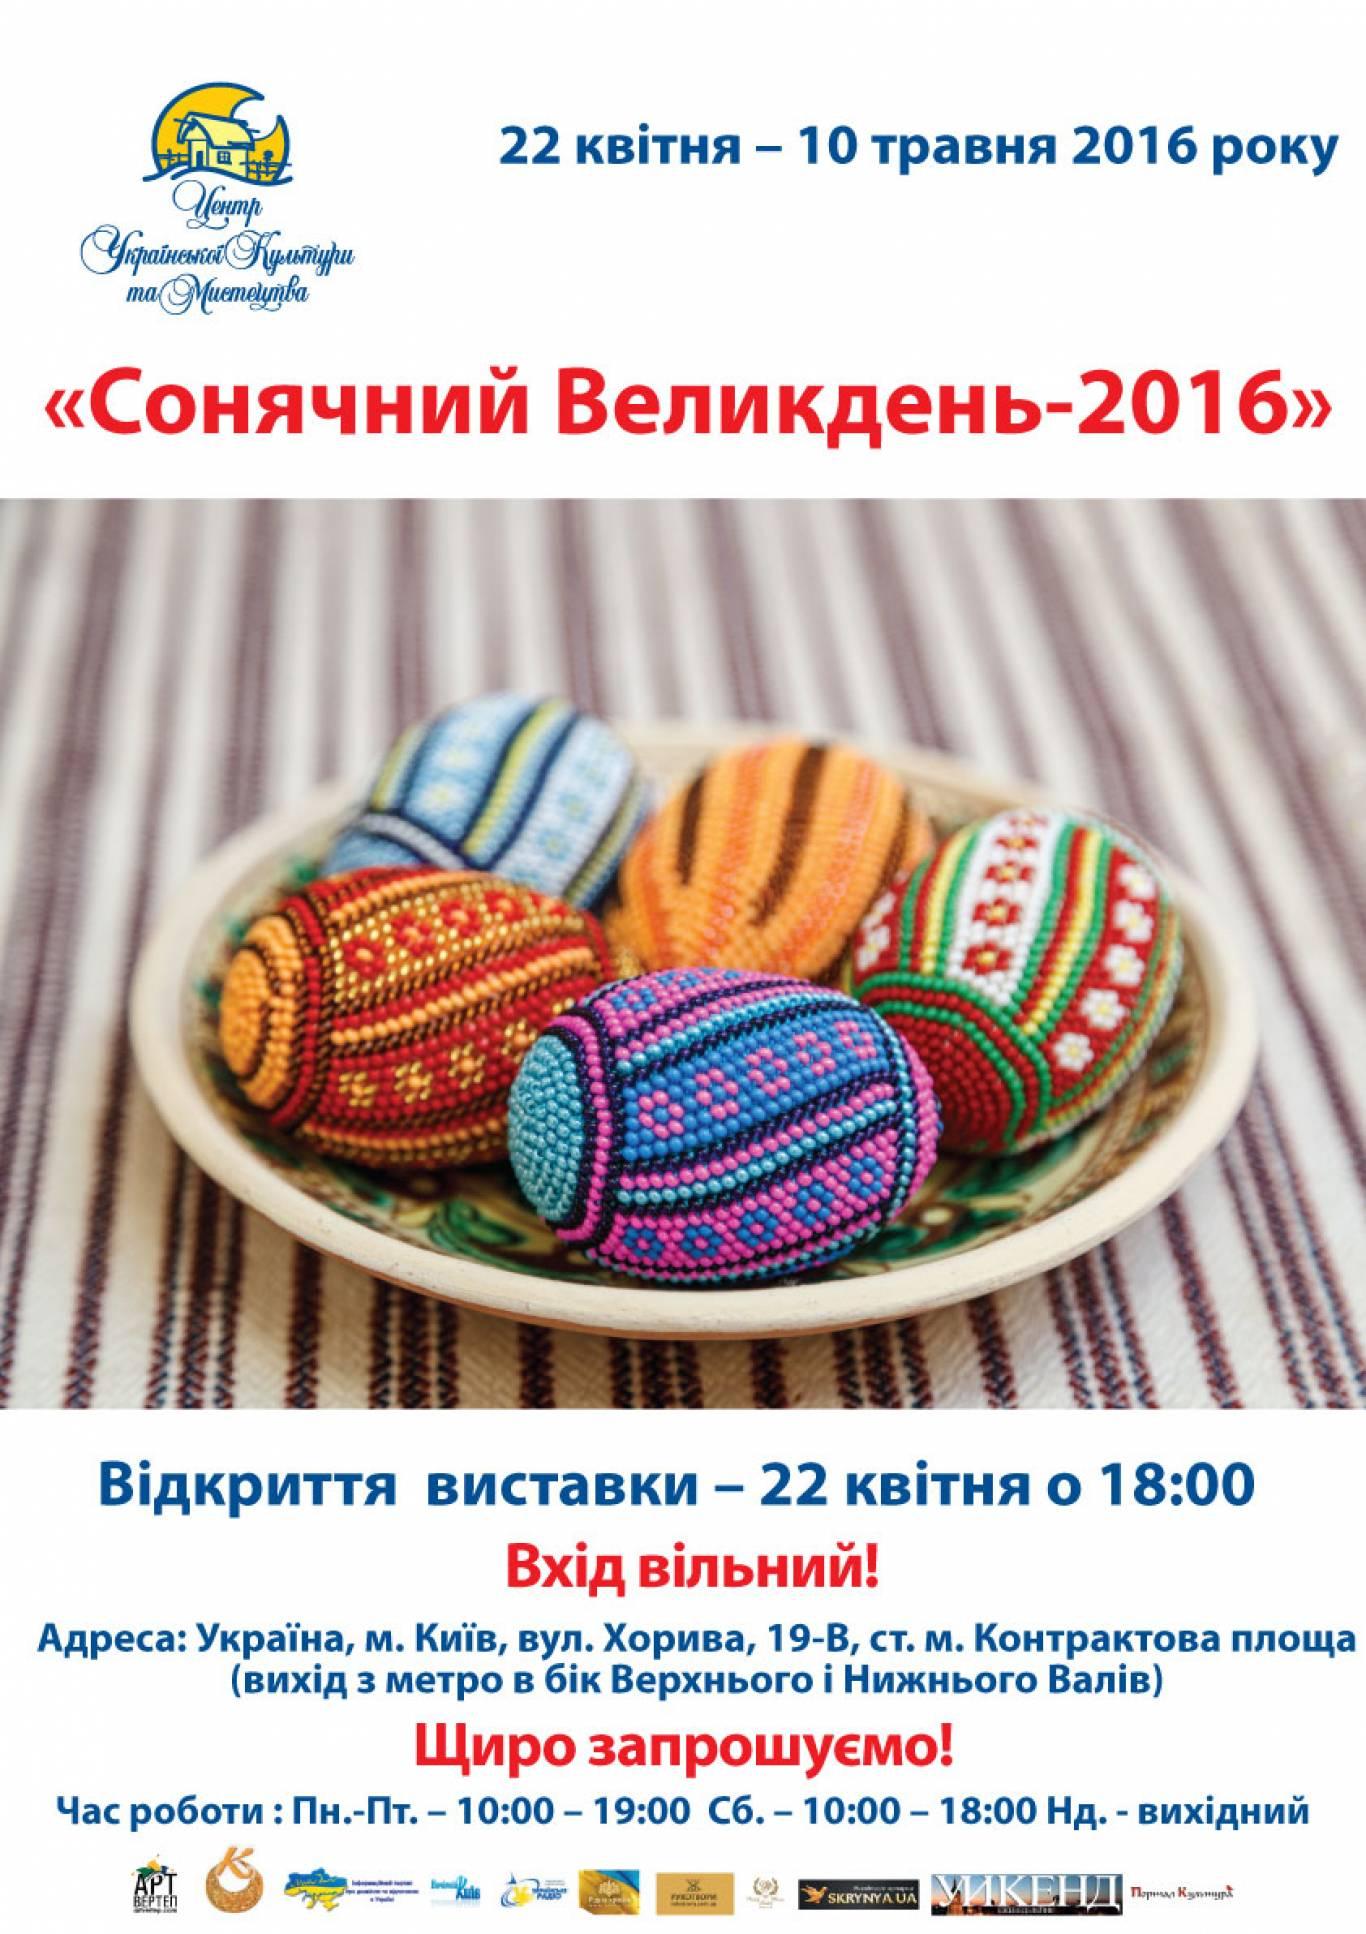 Виставка «Сонячний Великдень-2016» в Центрі Української Культури та Мистецтва